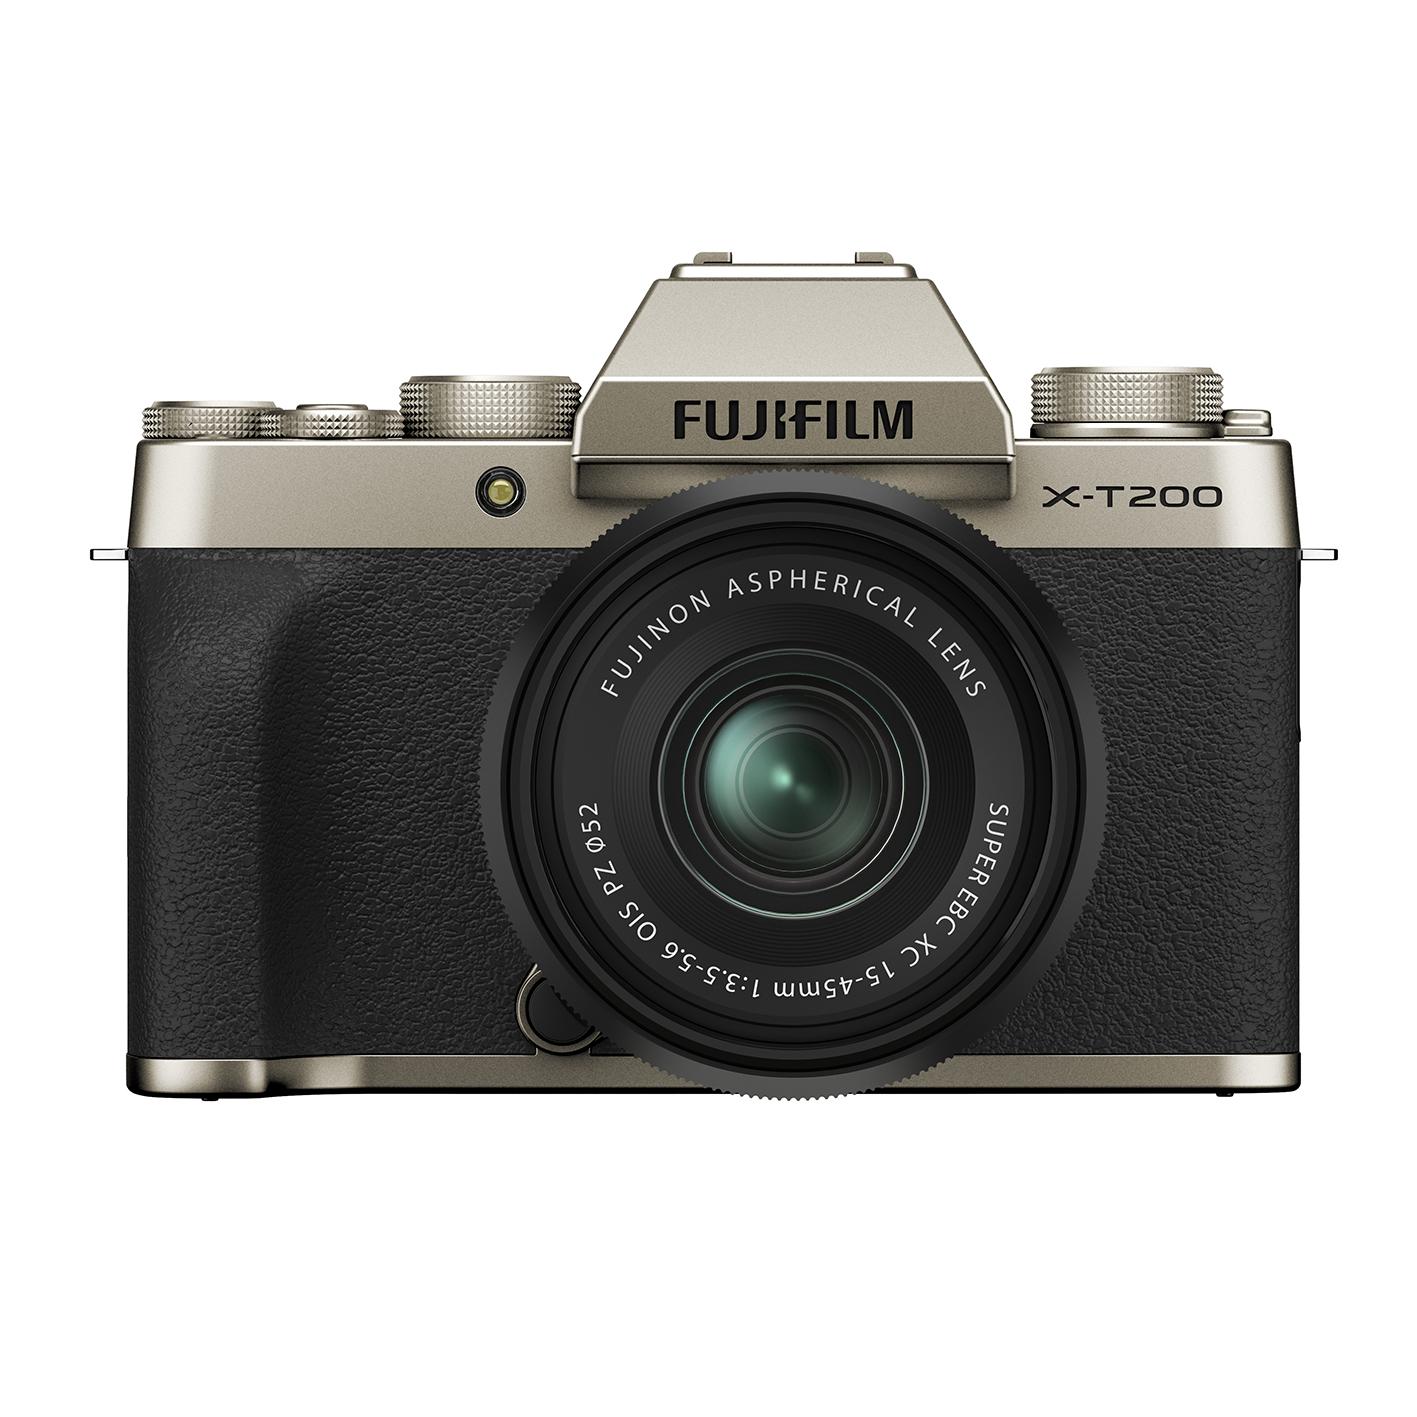 Die Fujifilm X-T200 (hier abgebildet in der Farbausführung Champagnergold) bietet 4K-Video und einen großen Touchscreen-Monitor.